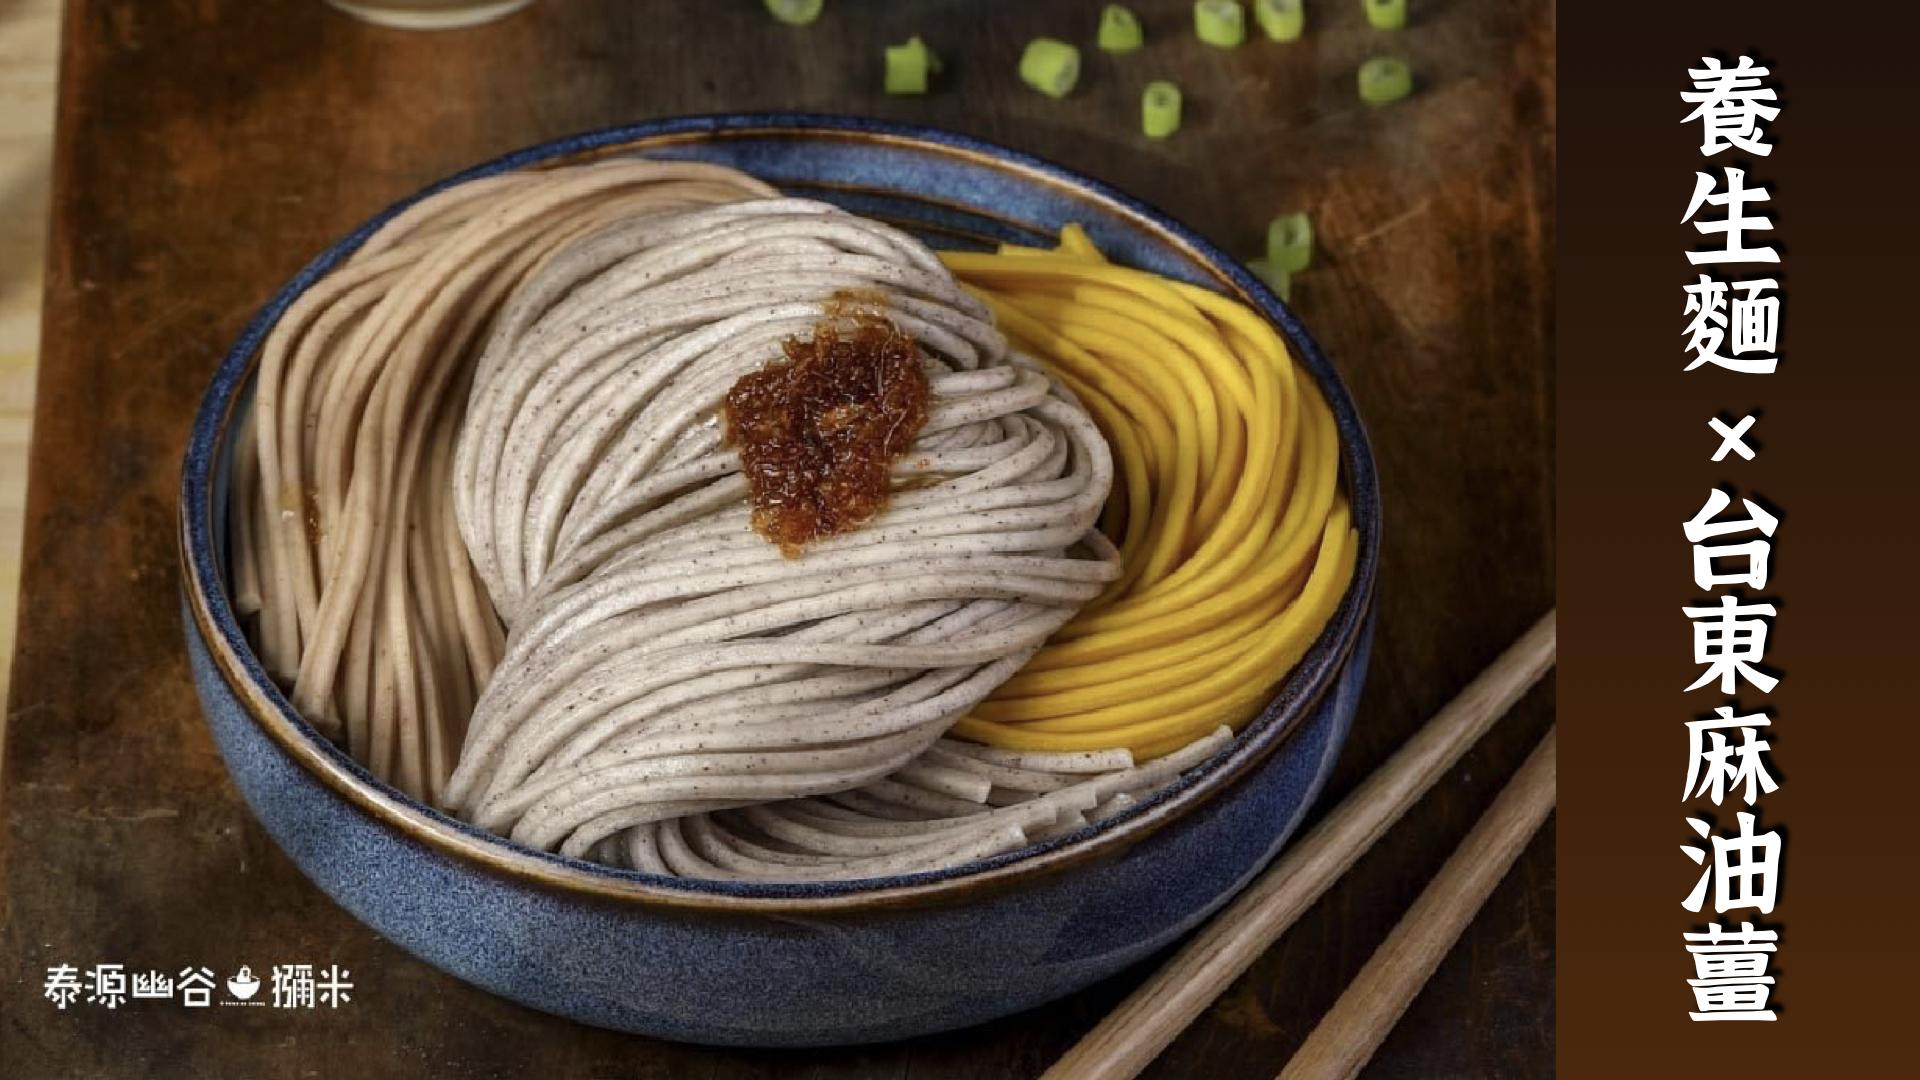 獼米的薑黃養生麵與黑米養生麵配上台東麻油薑